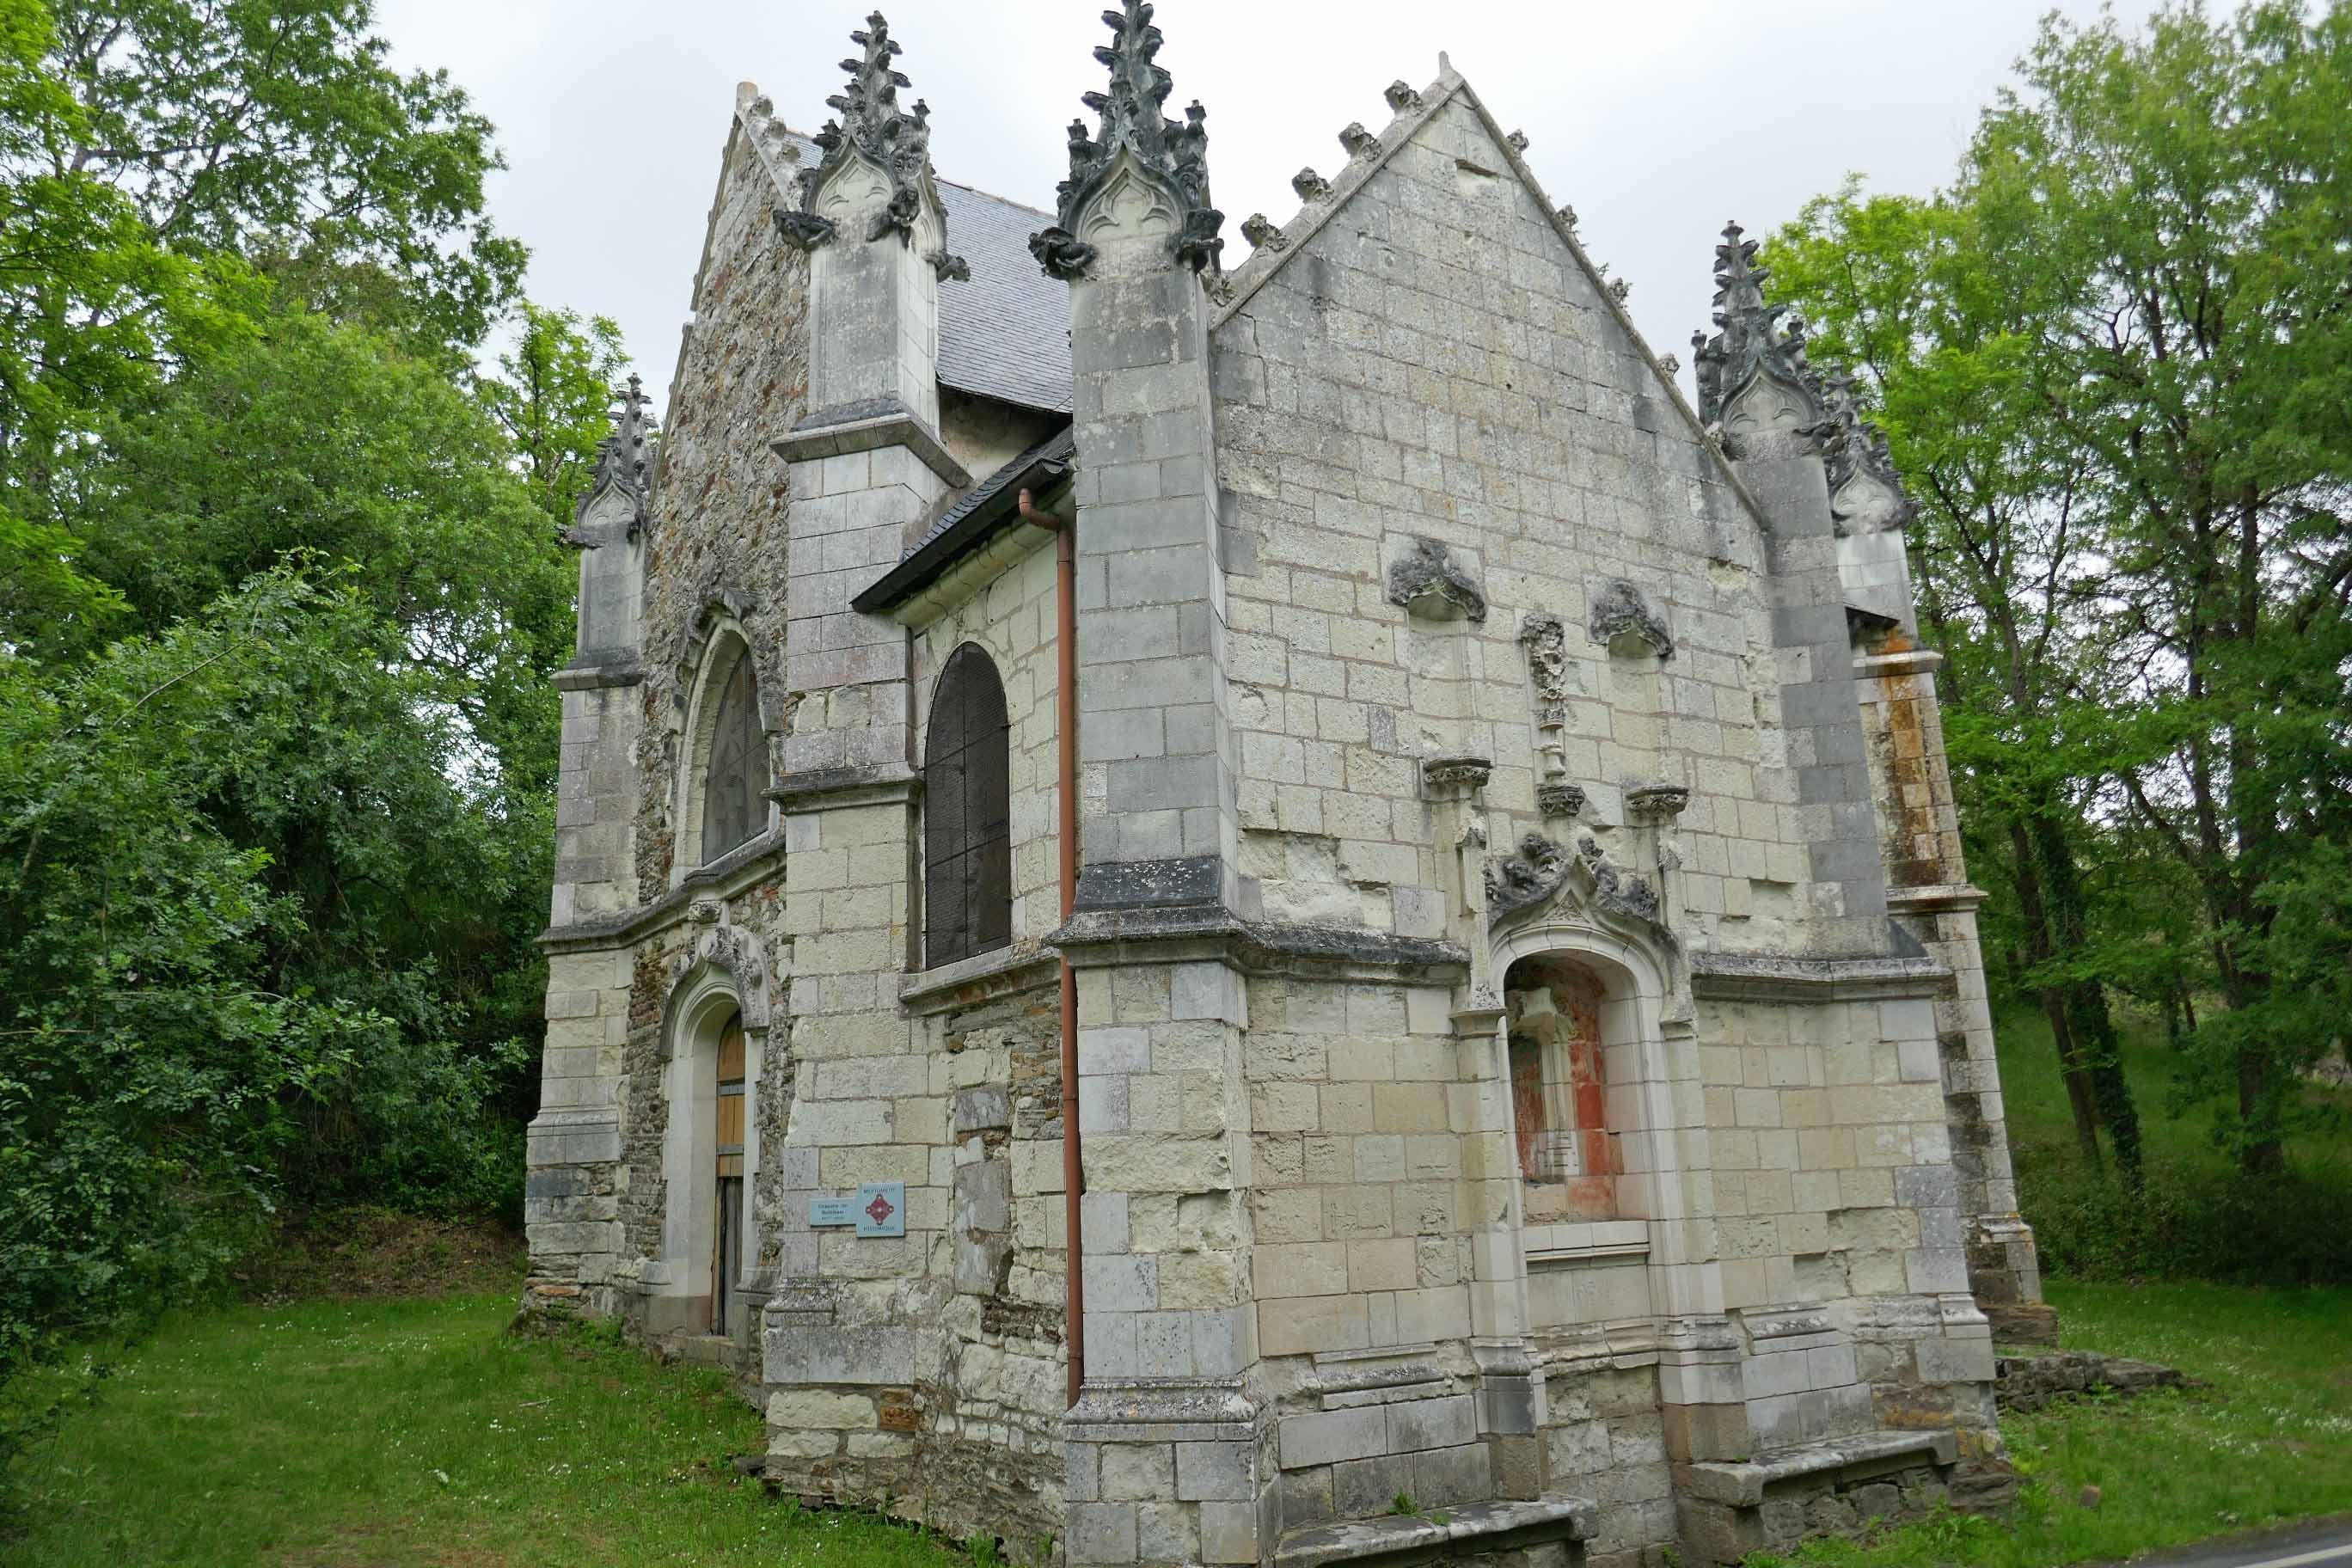 Chapelle de Bethléem in Loire-Atlantique